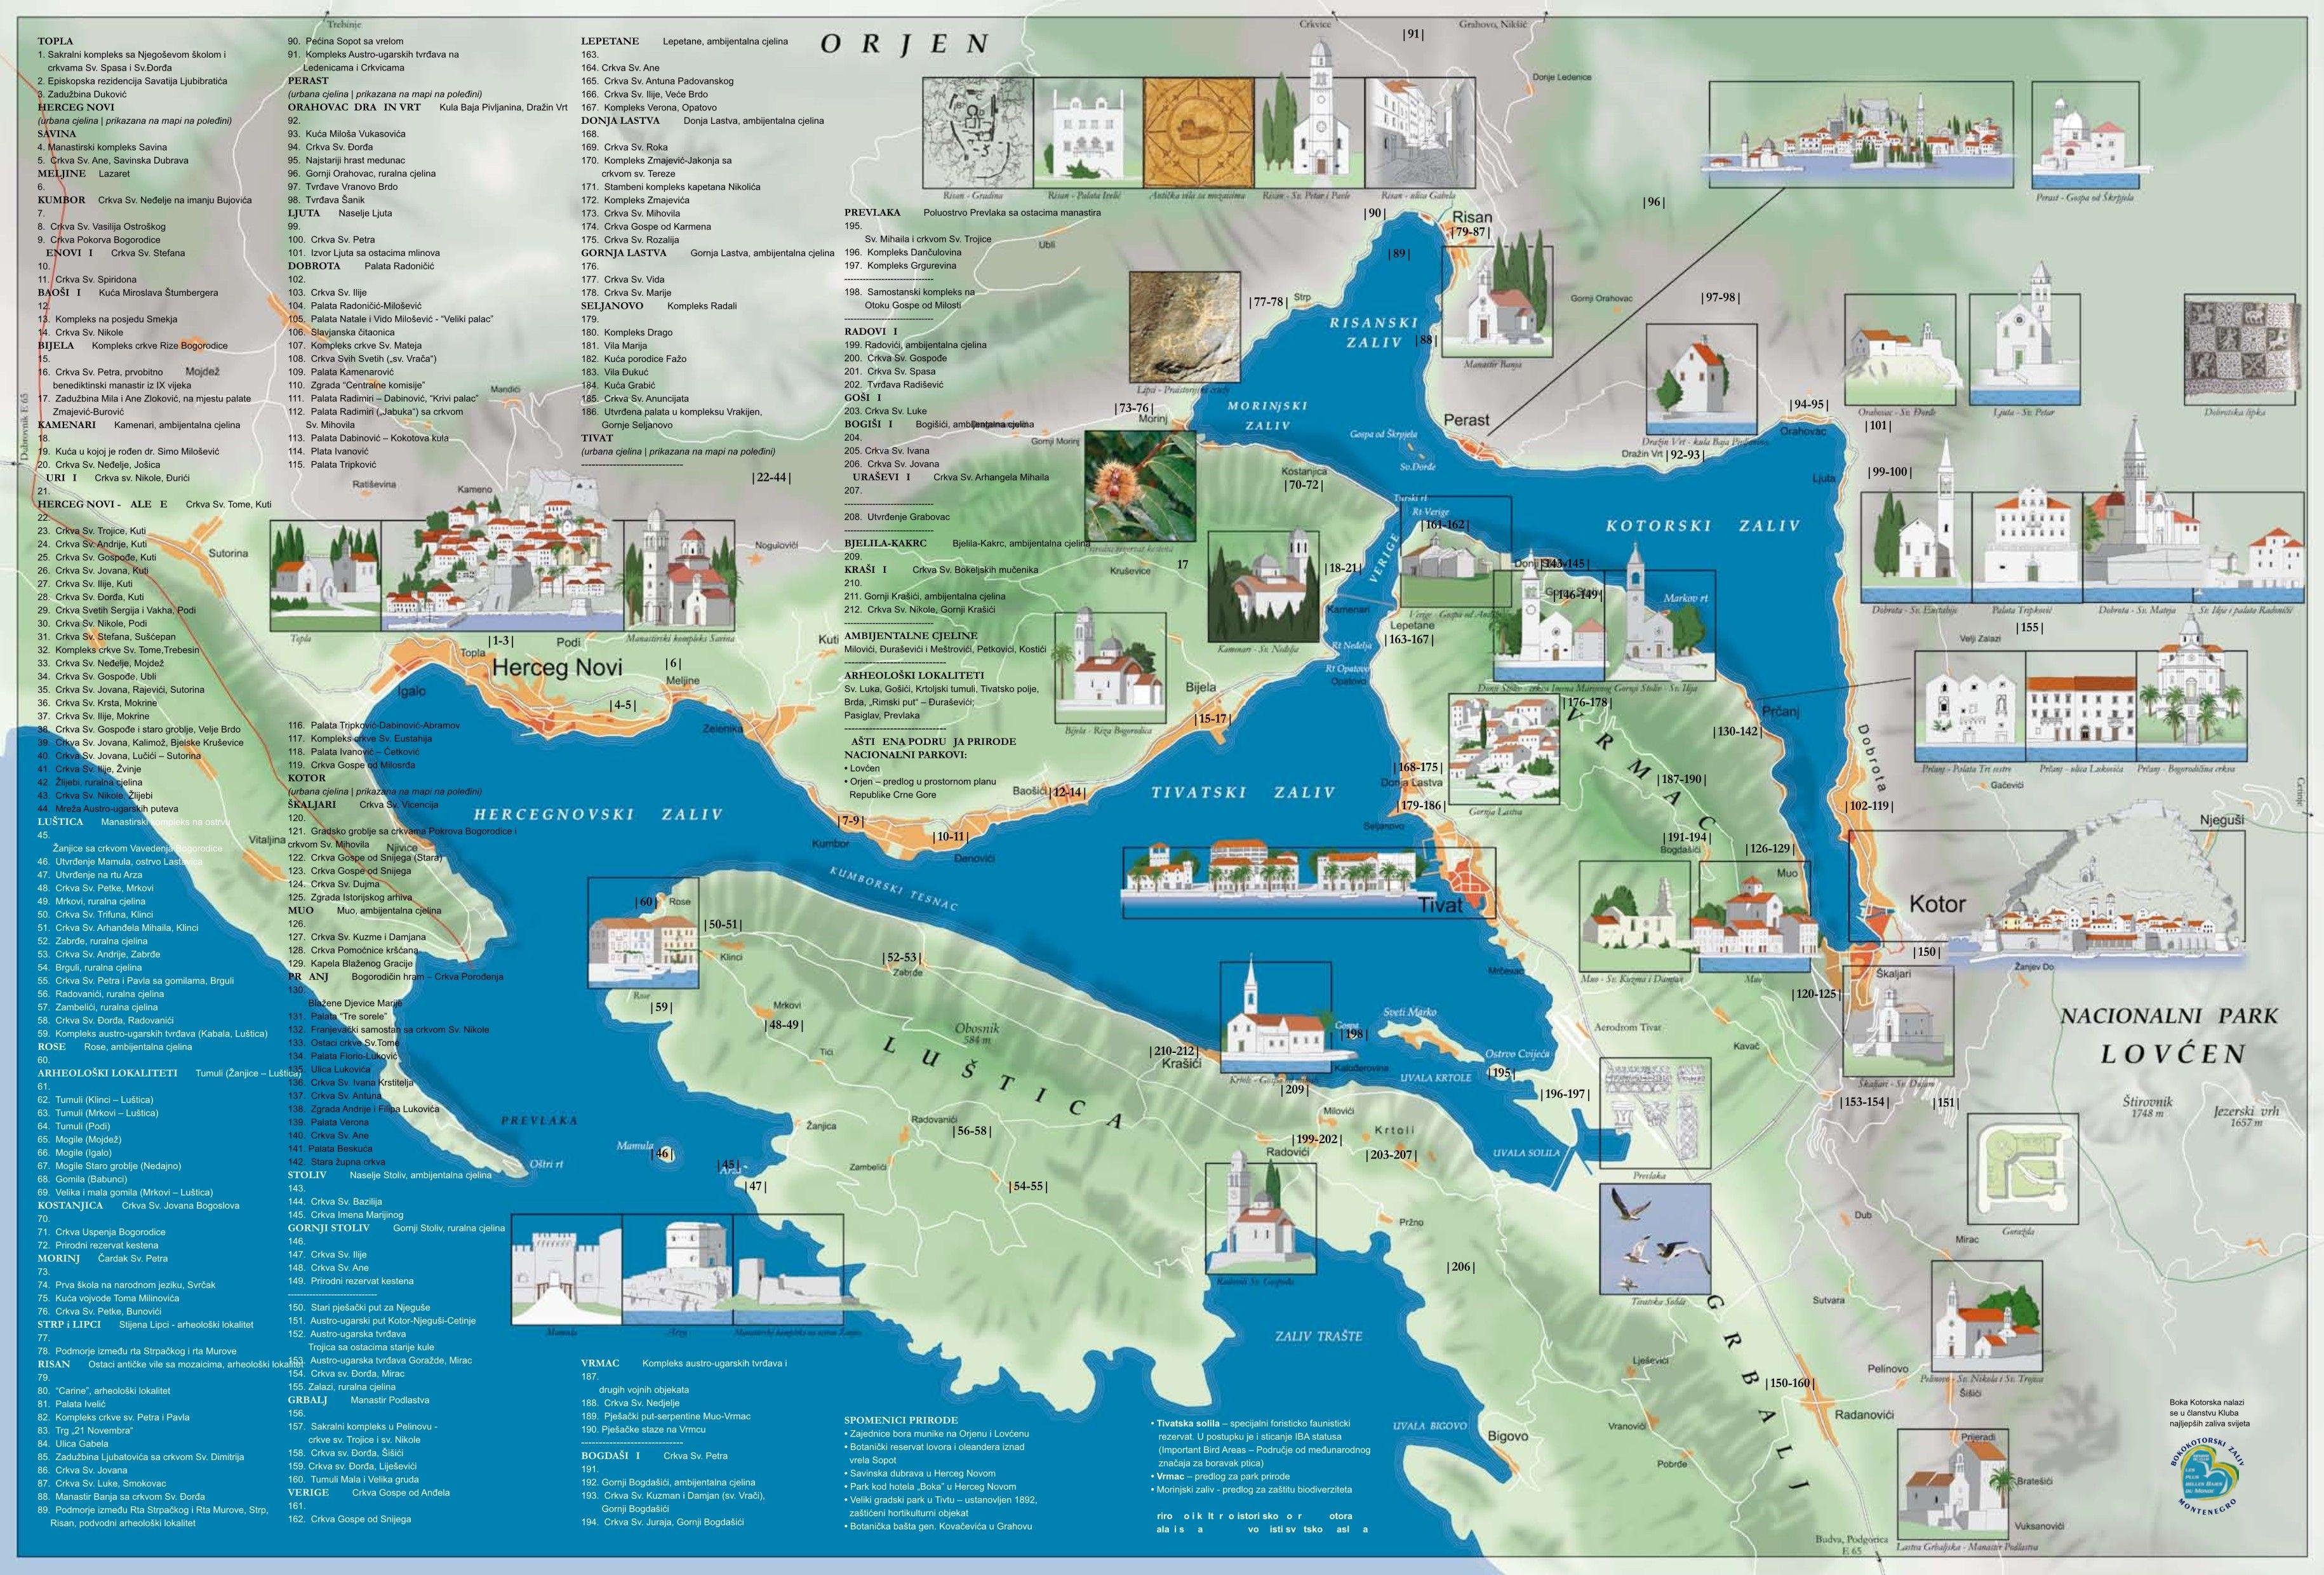 Bay of Kotor (Boka Kotorska) - Montenegro - Blog about